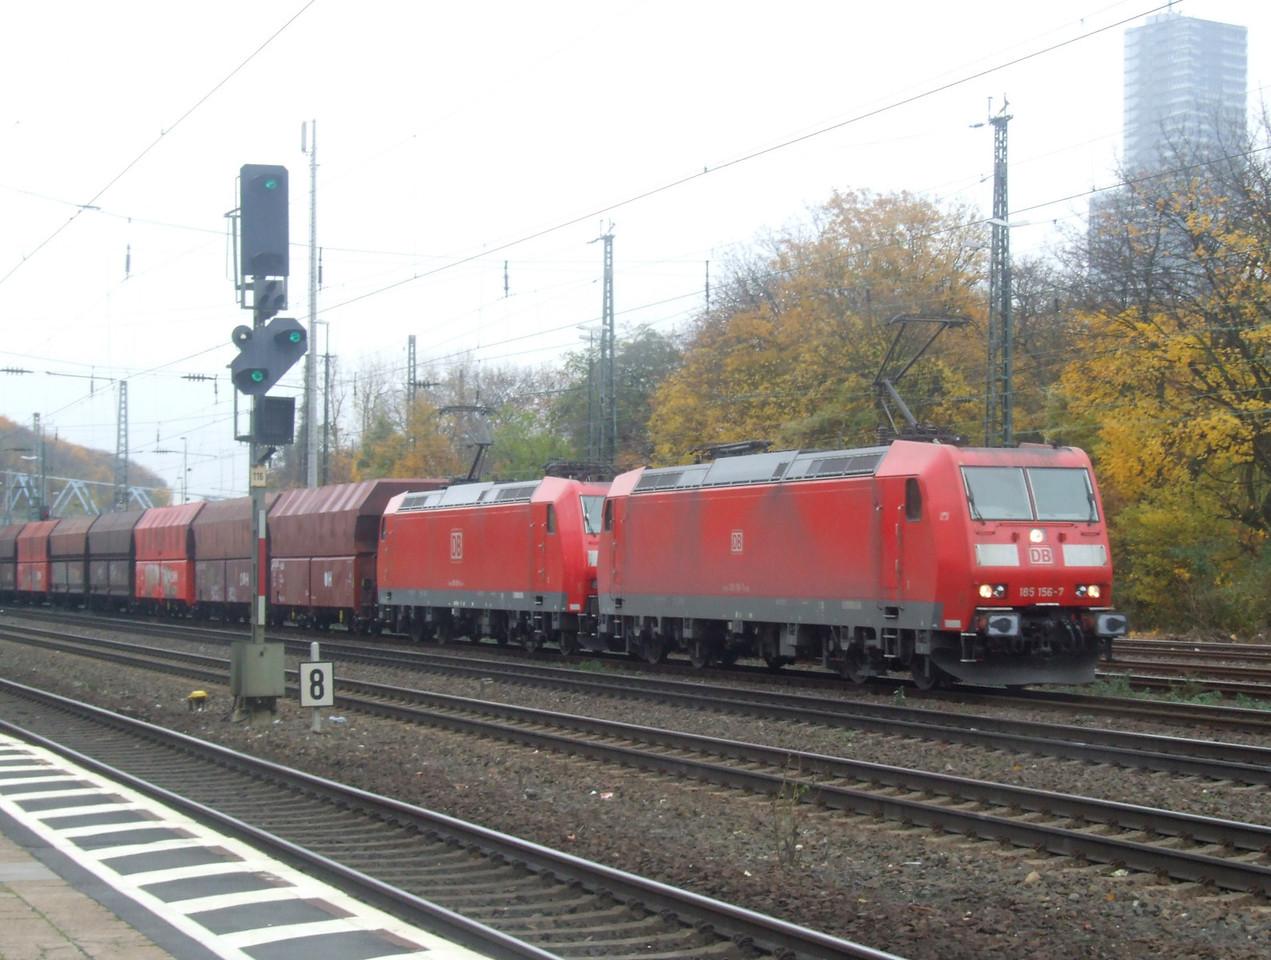 DB 185 156 + 185 150 at Köln West, 13th November 2012.